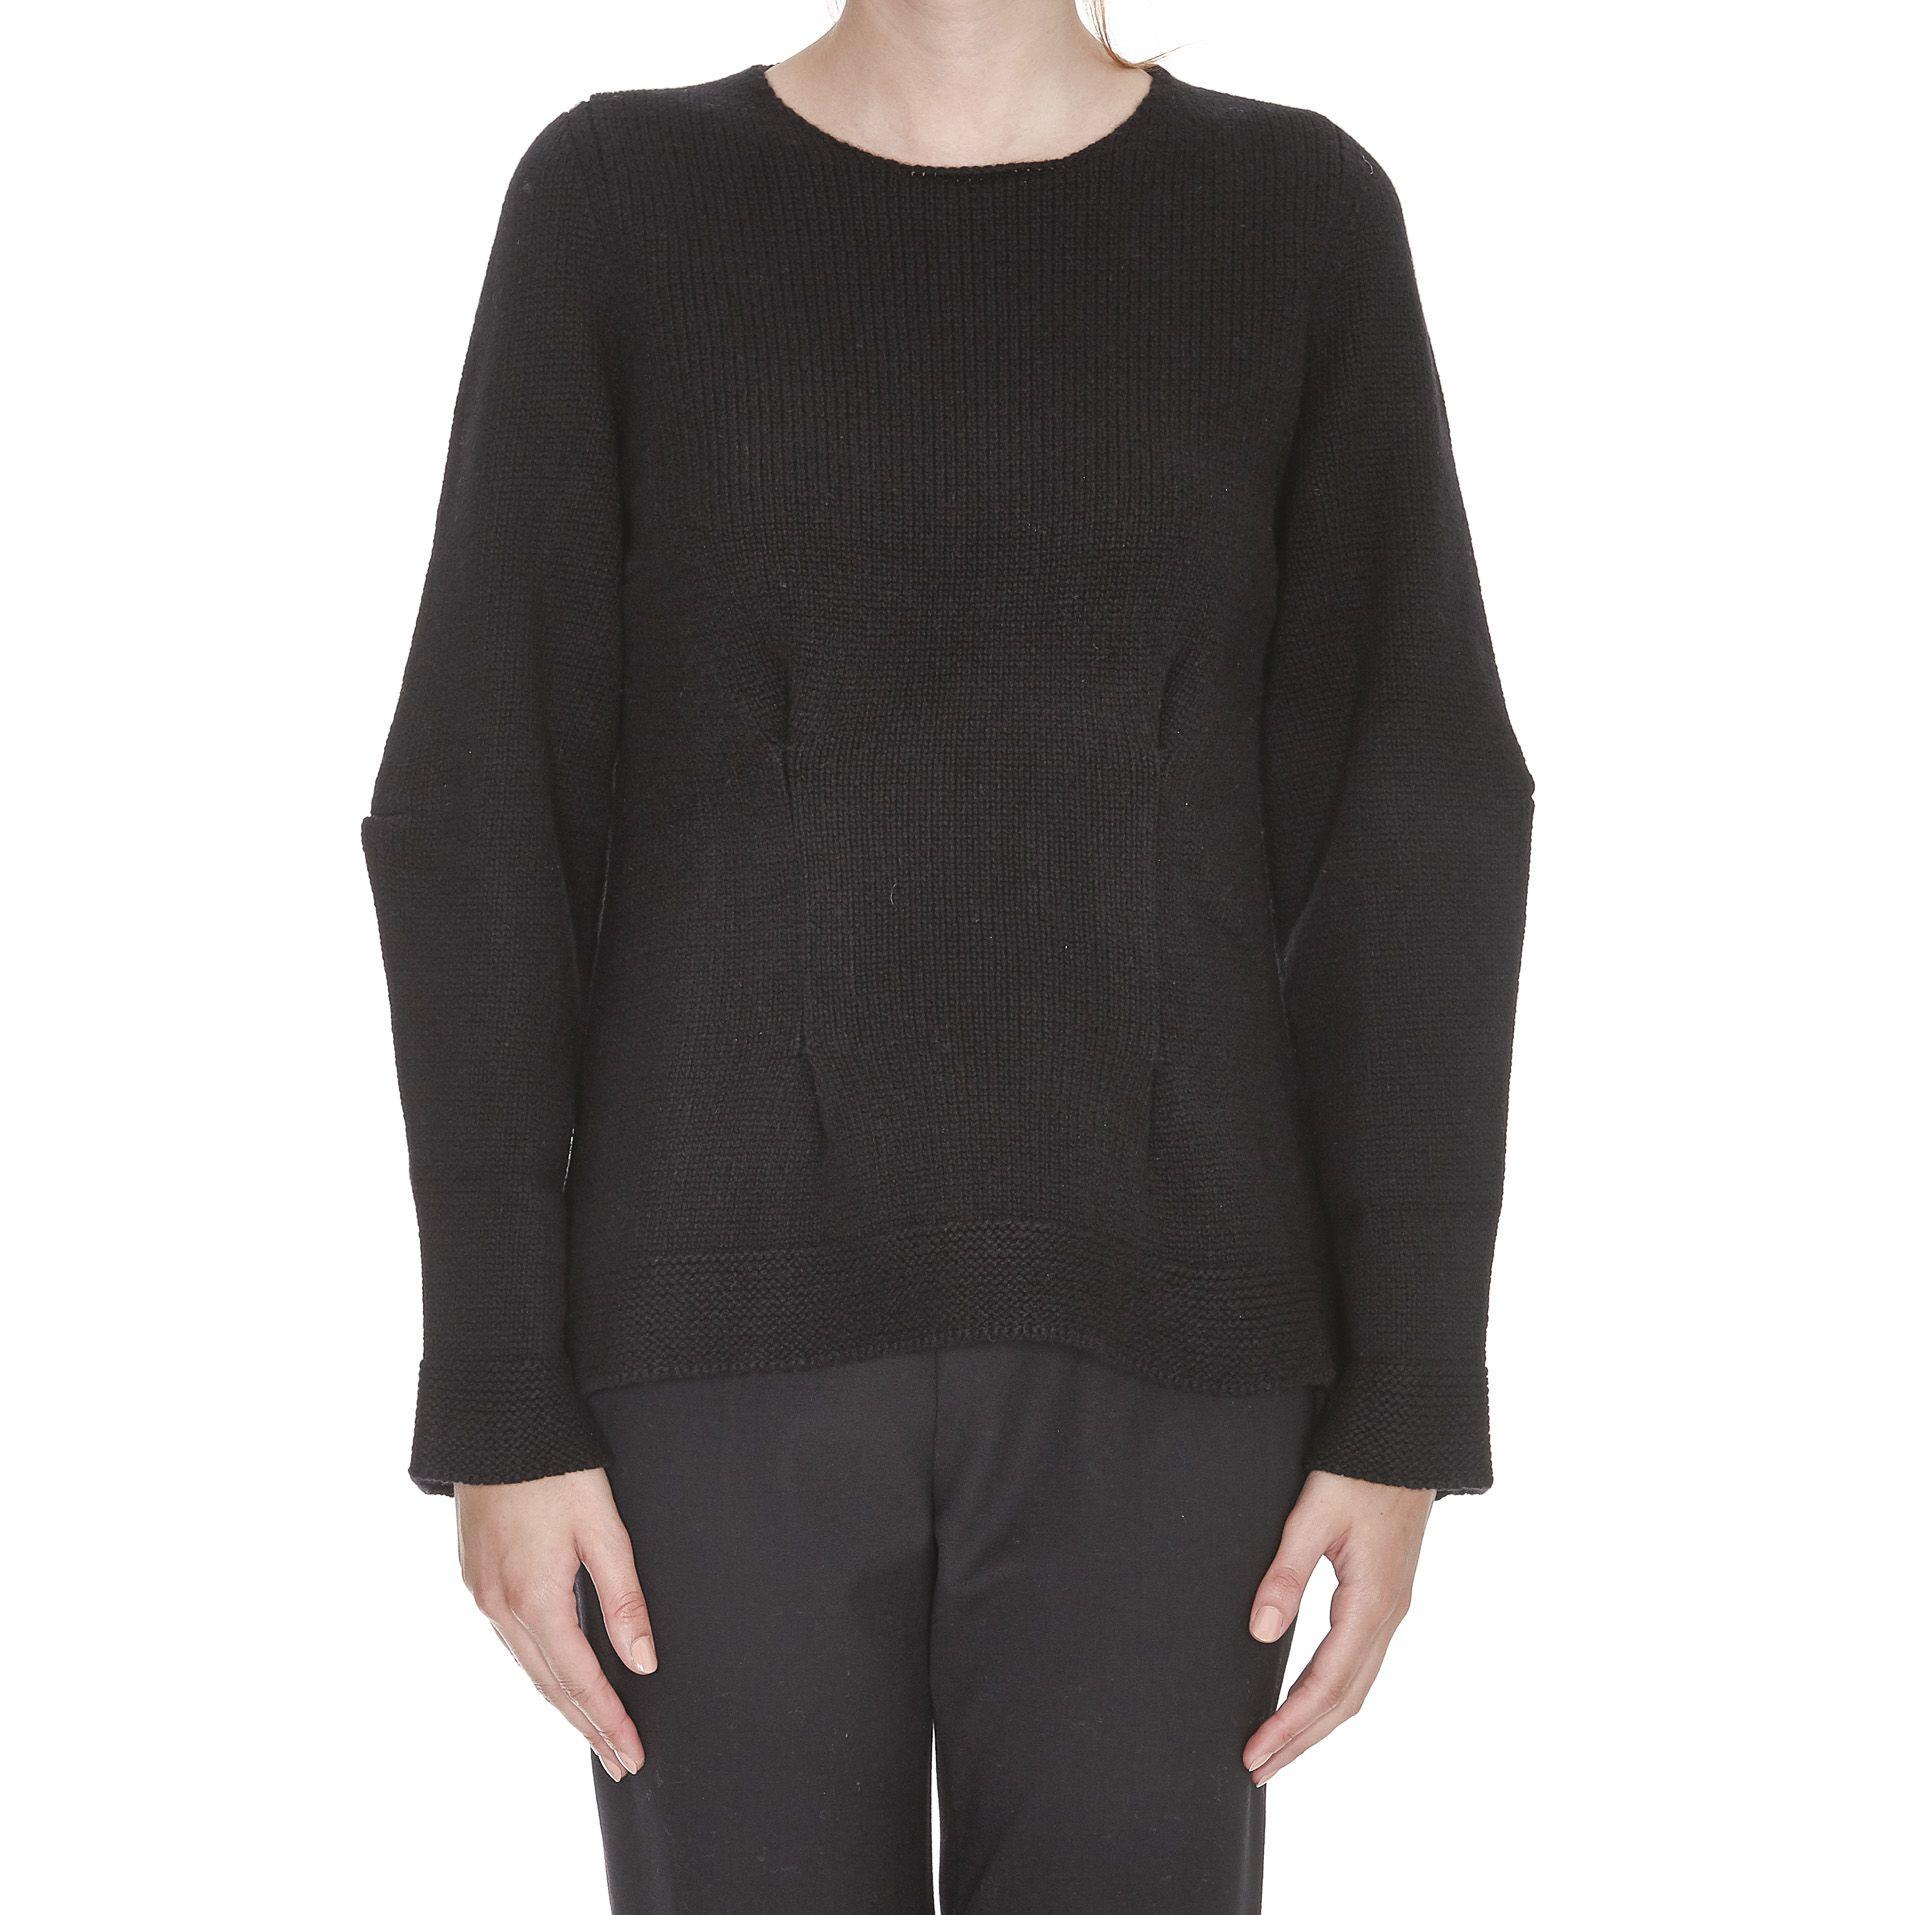 Alexander Mcqueen Chuncky Sweater